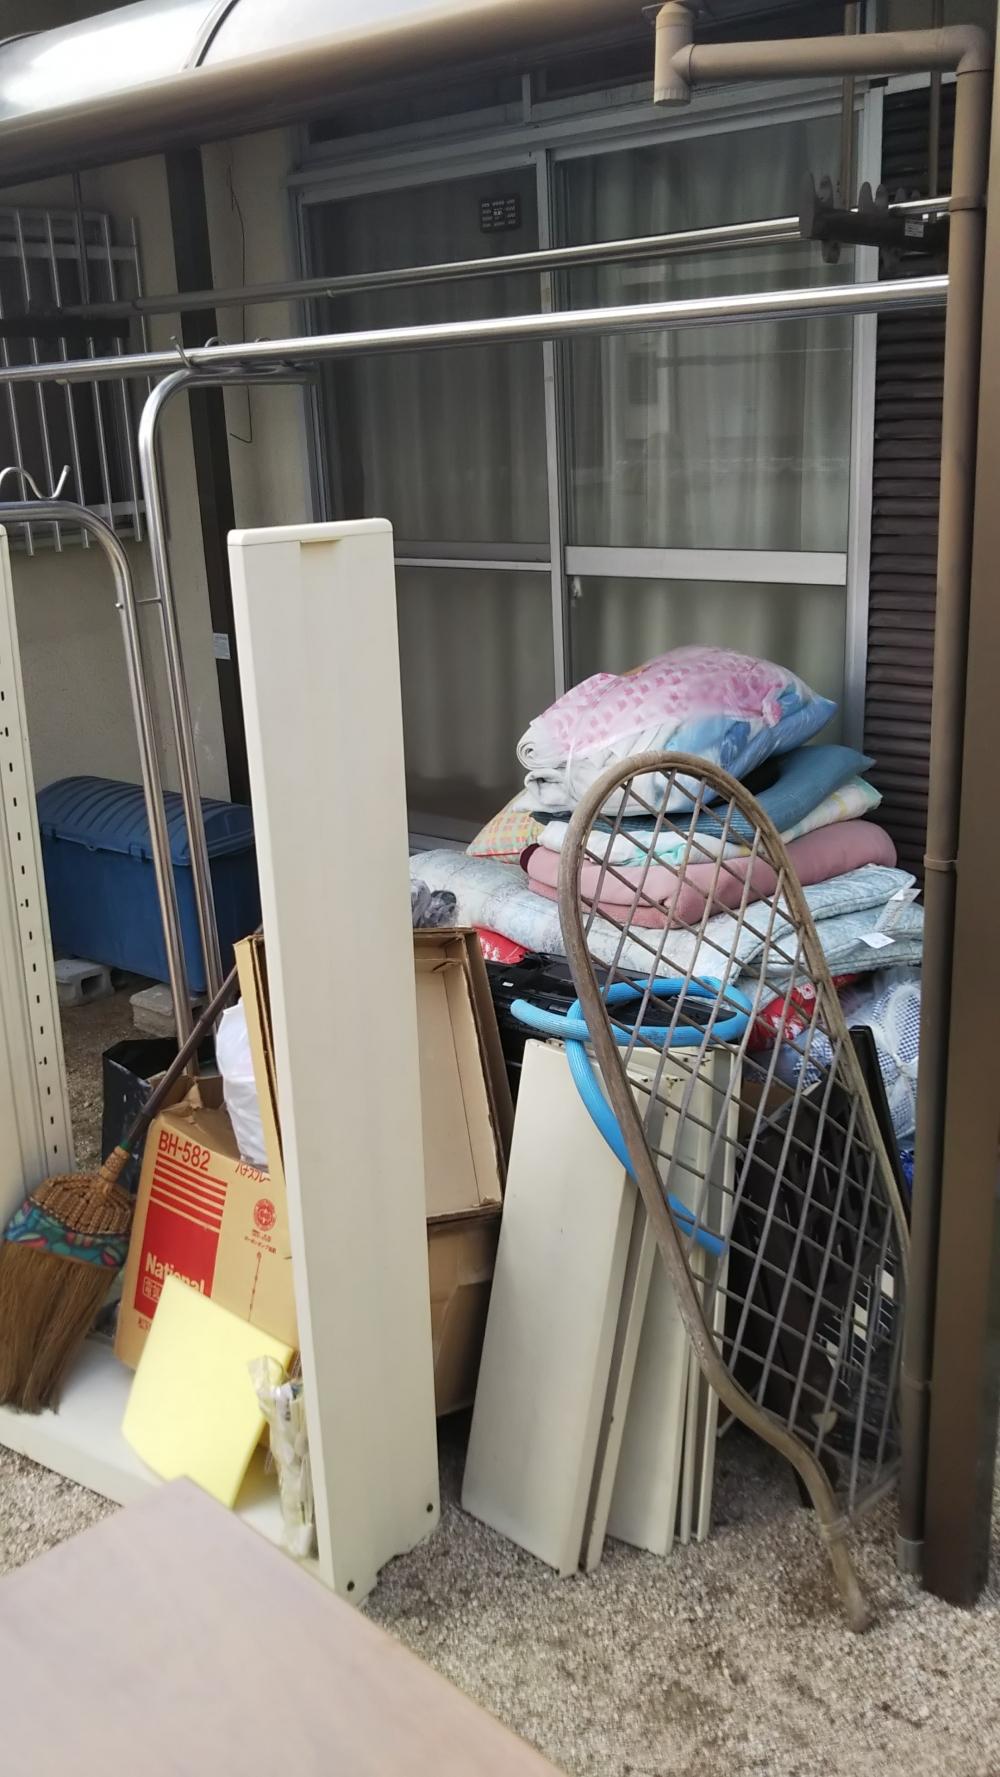 岡山市の不用品回収ならやくだち隊へ!|やくだち隊